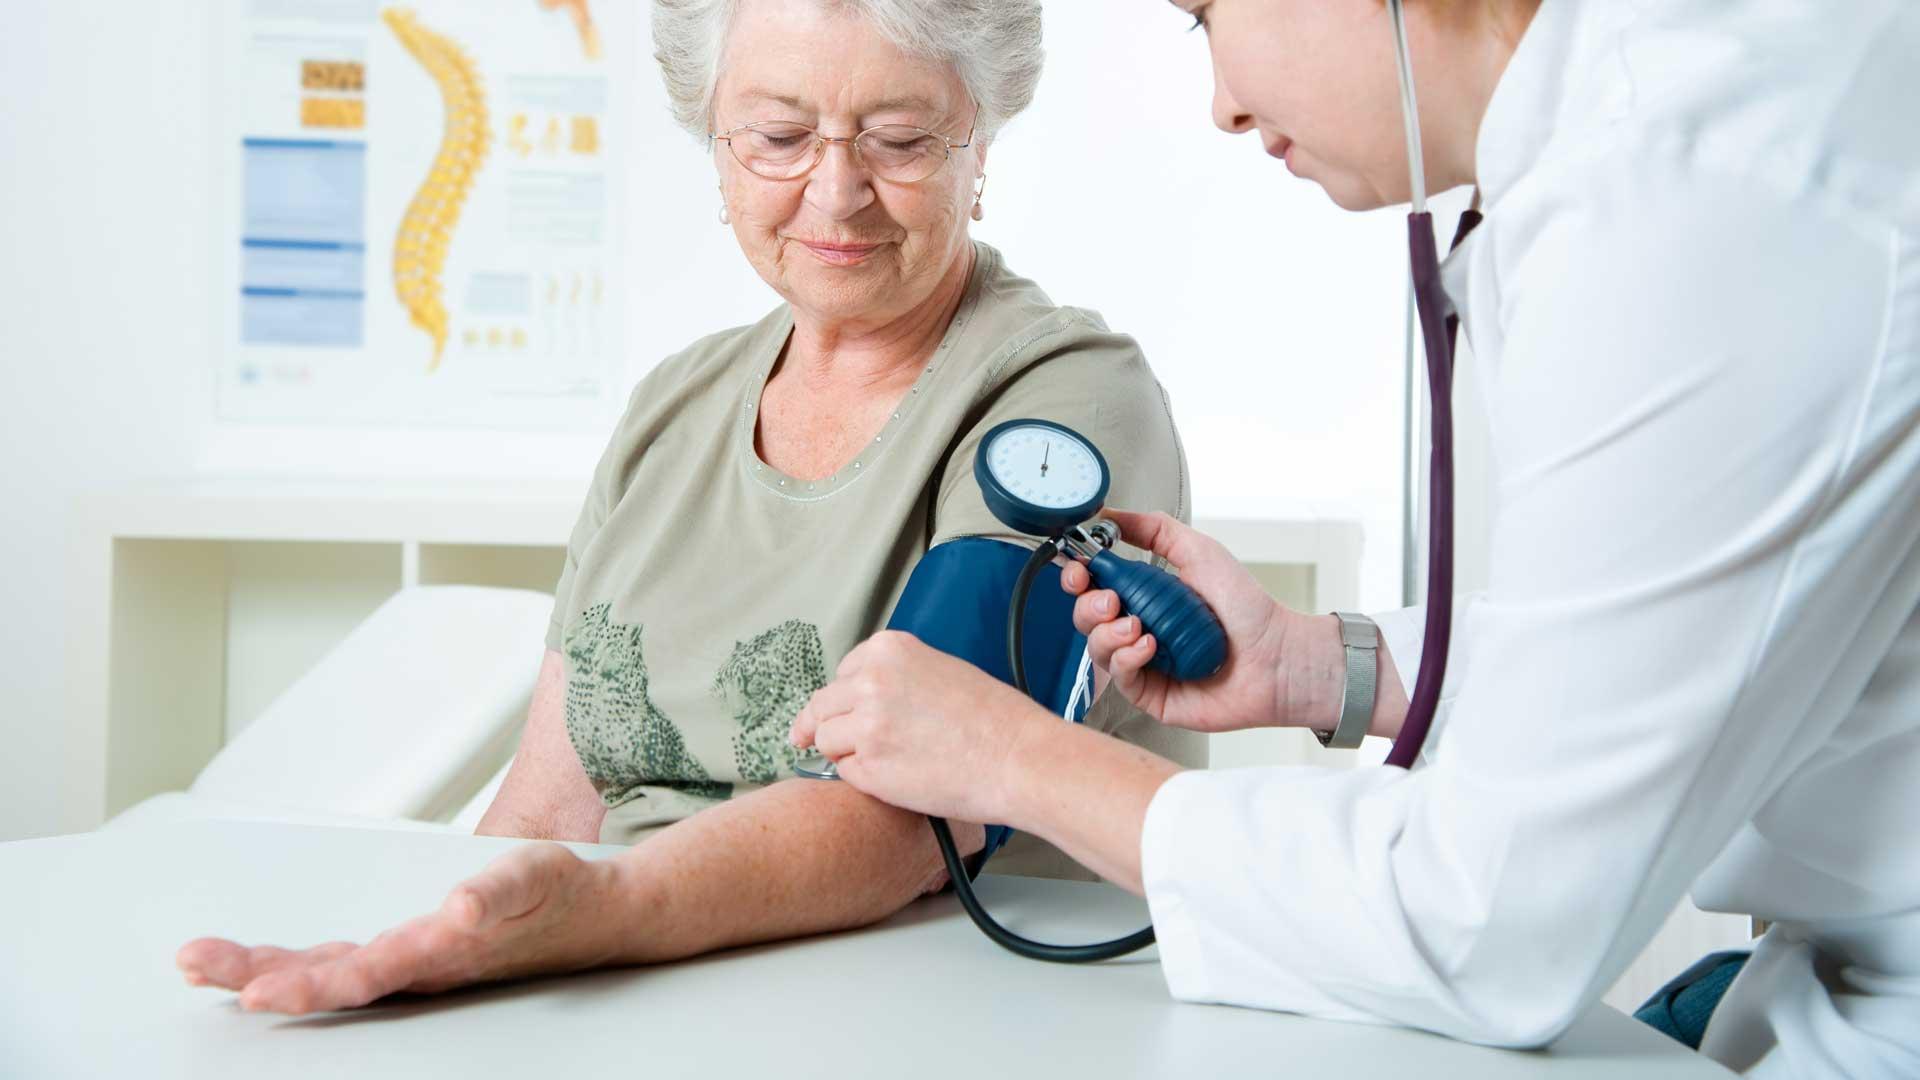 hva er høyt blodtrykk gravid